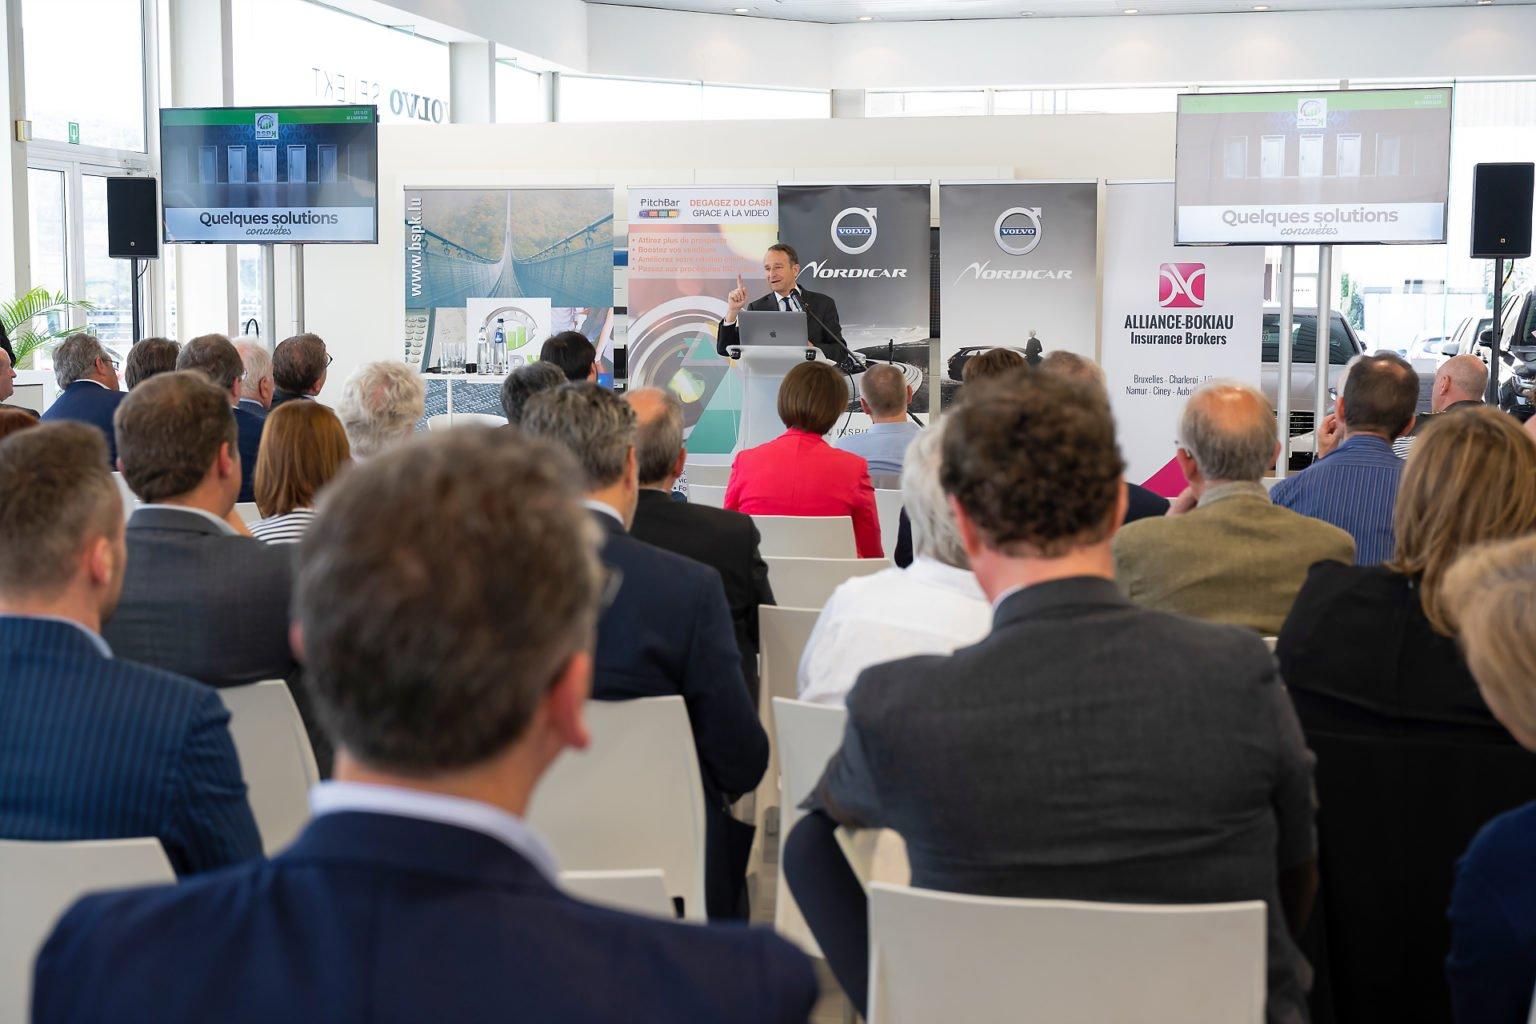 Conférence de Pierre de Villiers, organisée pNordicar, 21-06-2019, par Aurore Delsoir Photographe d'entreprise